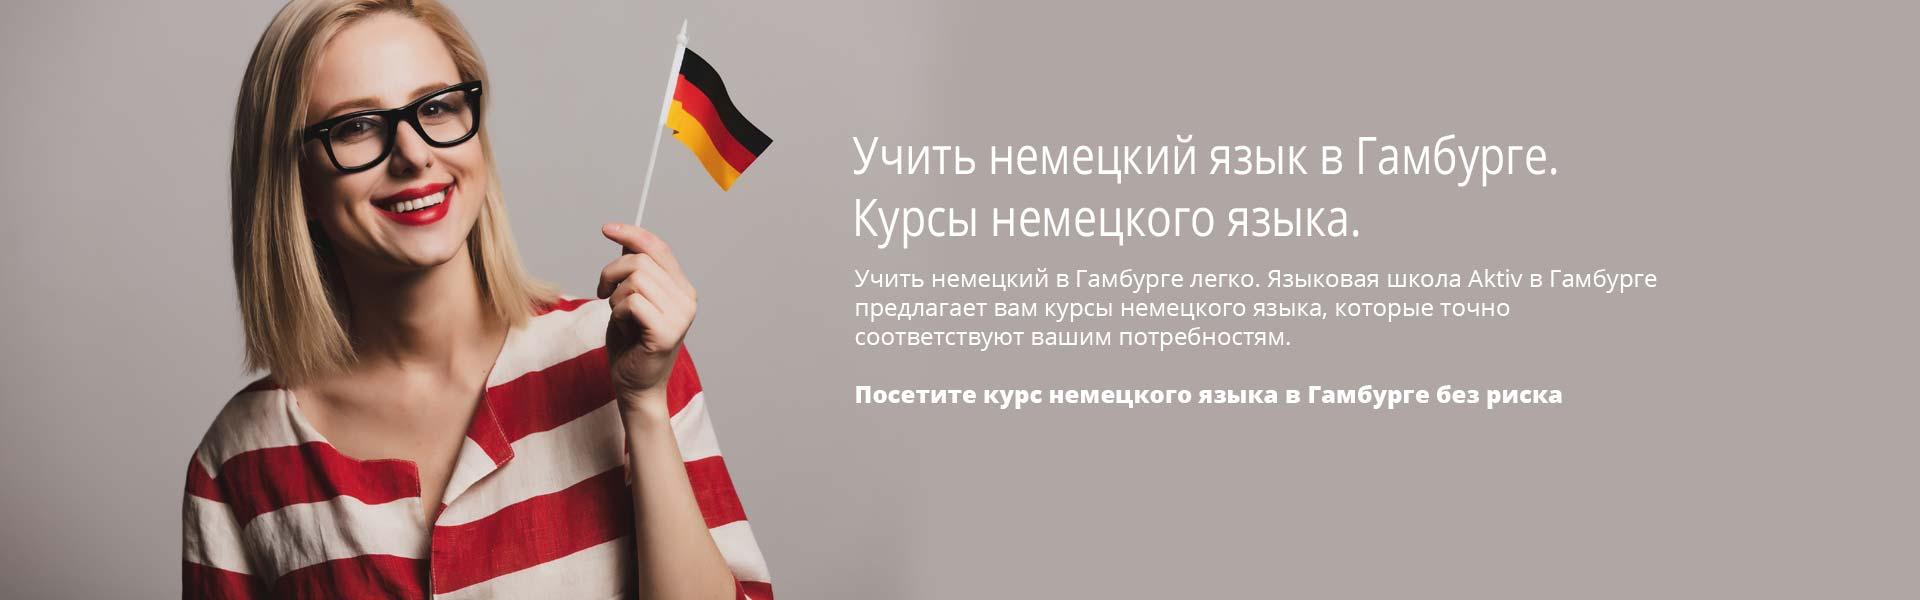 Учить немецкий язык в Гамбурге. Курсы немецкого языка.